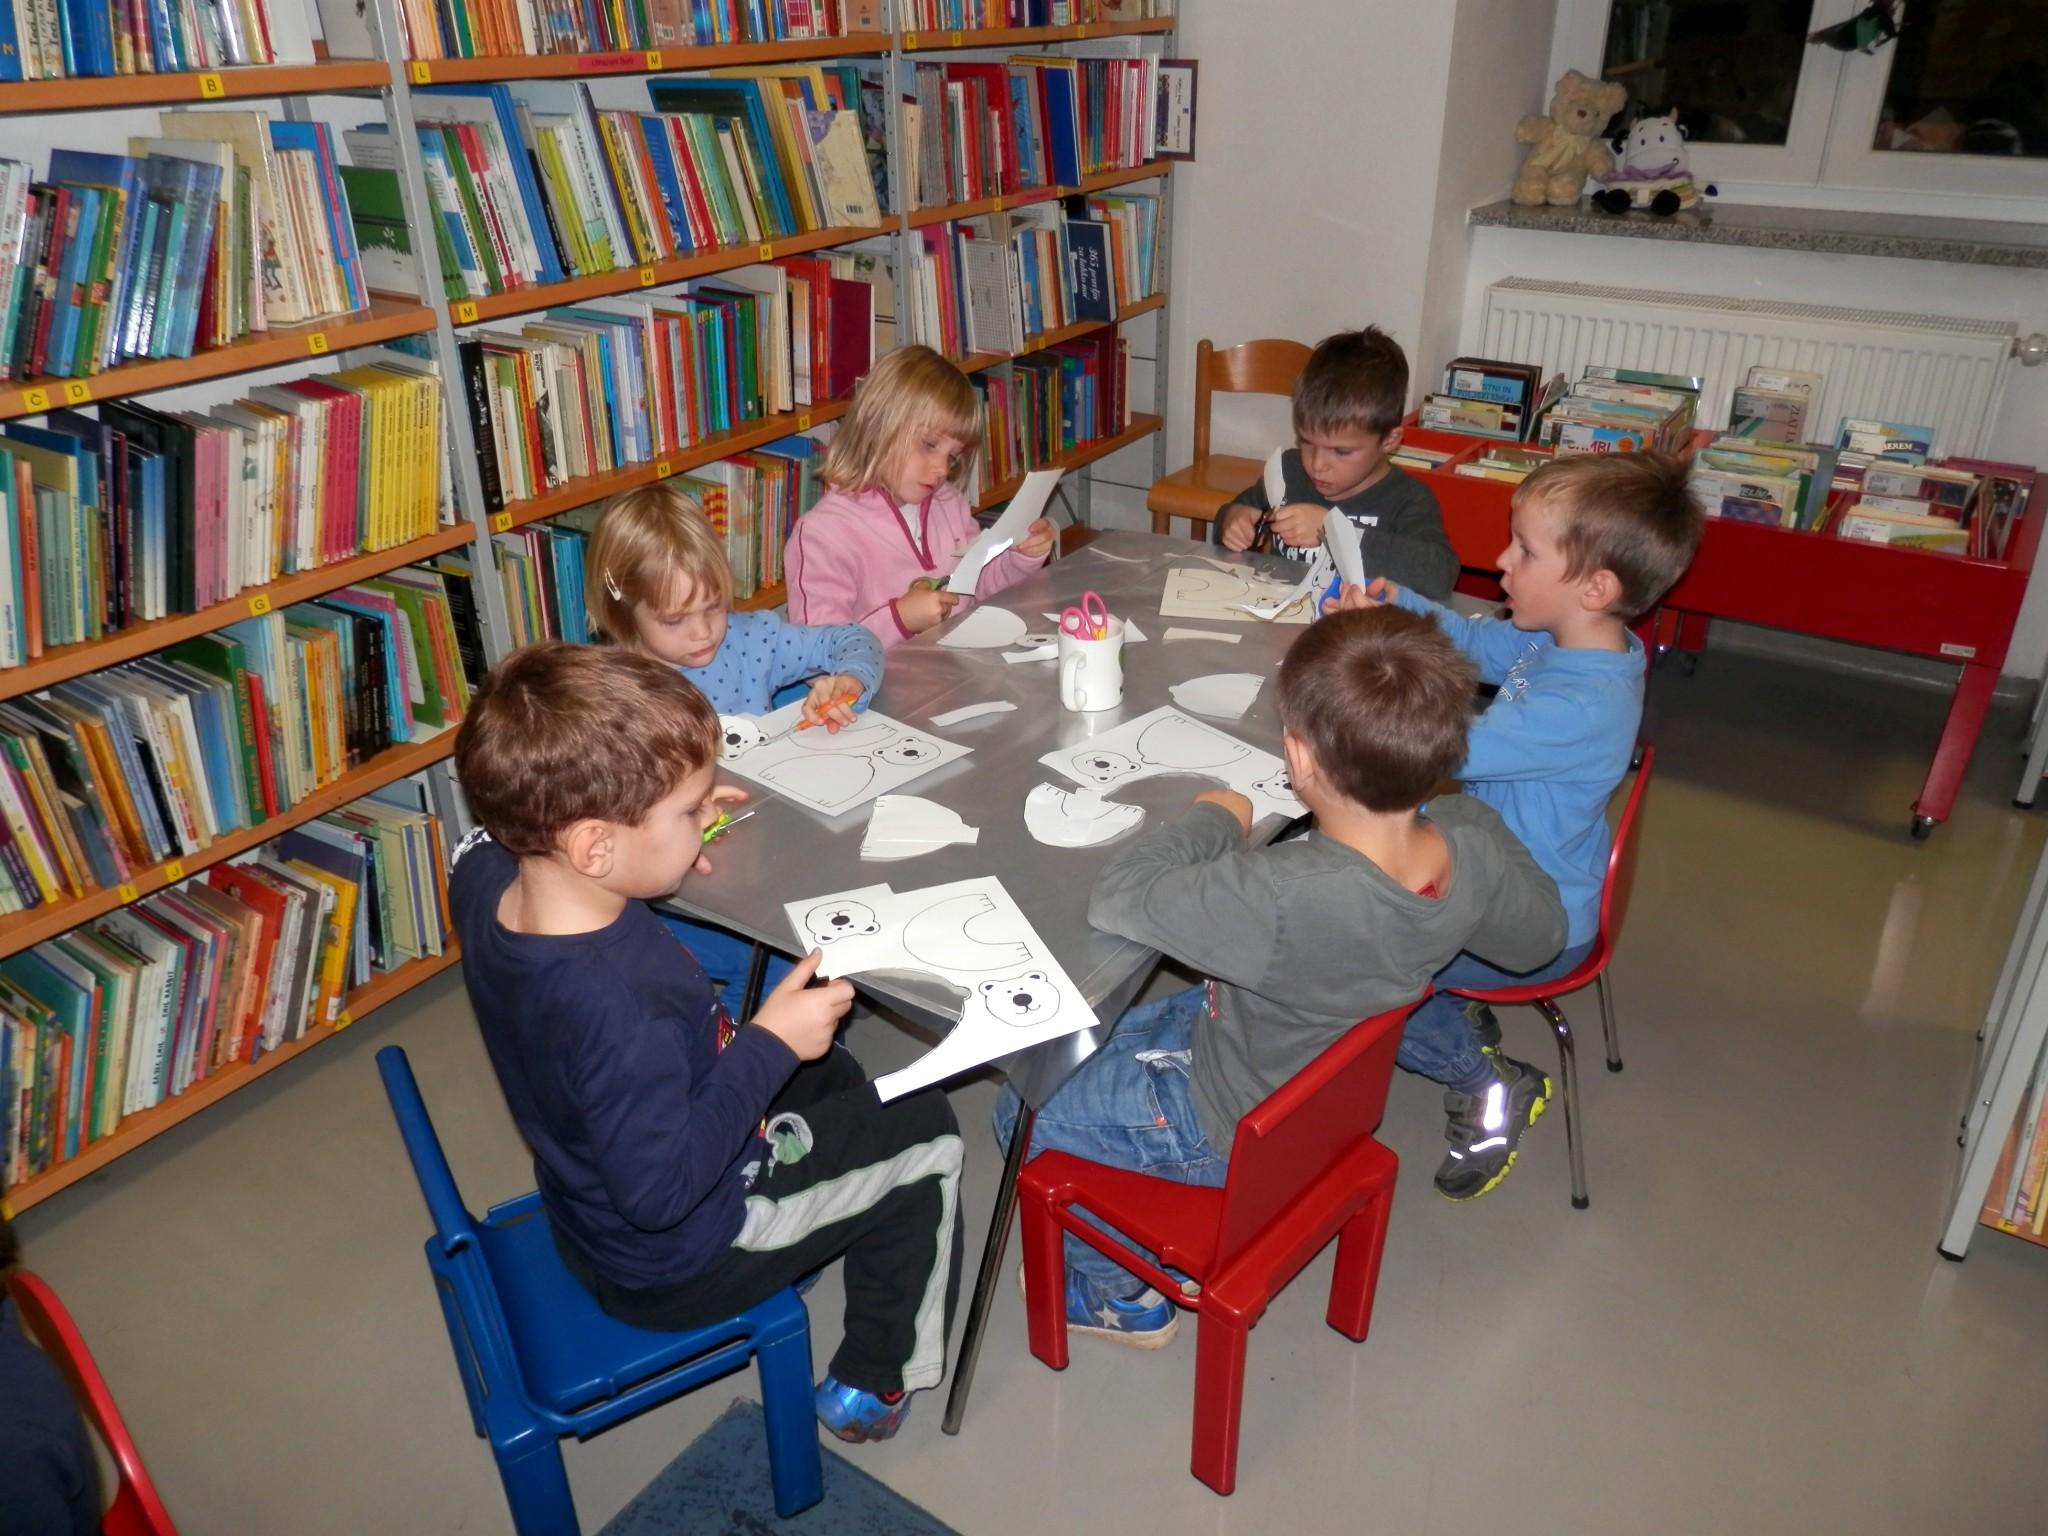 PB040017 - Pravljični listopad - pravljična urica z ustvarjalno delavnico za otroke od 4. leta dalje